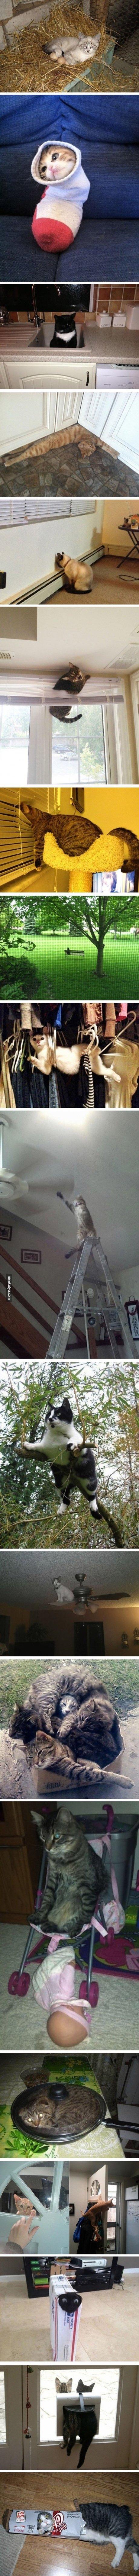 cats are weird sometimes. .. i aint got no legs boy